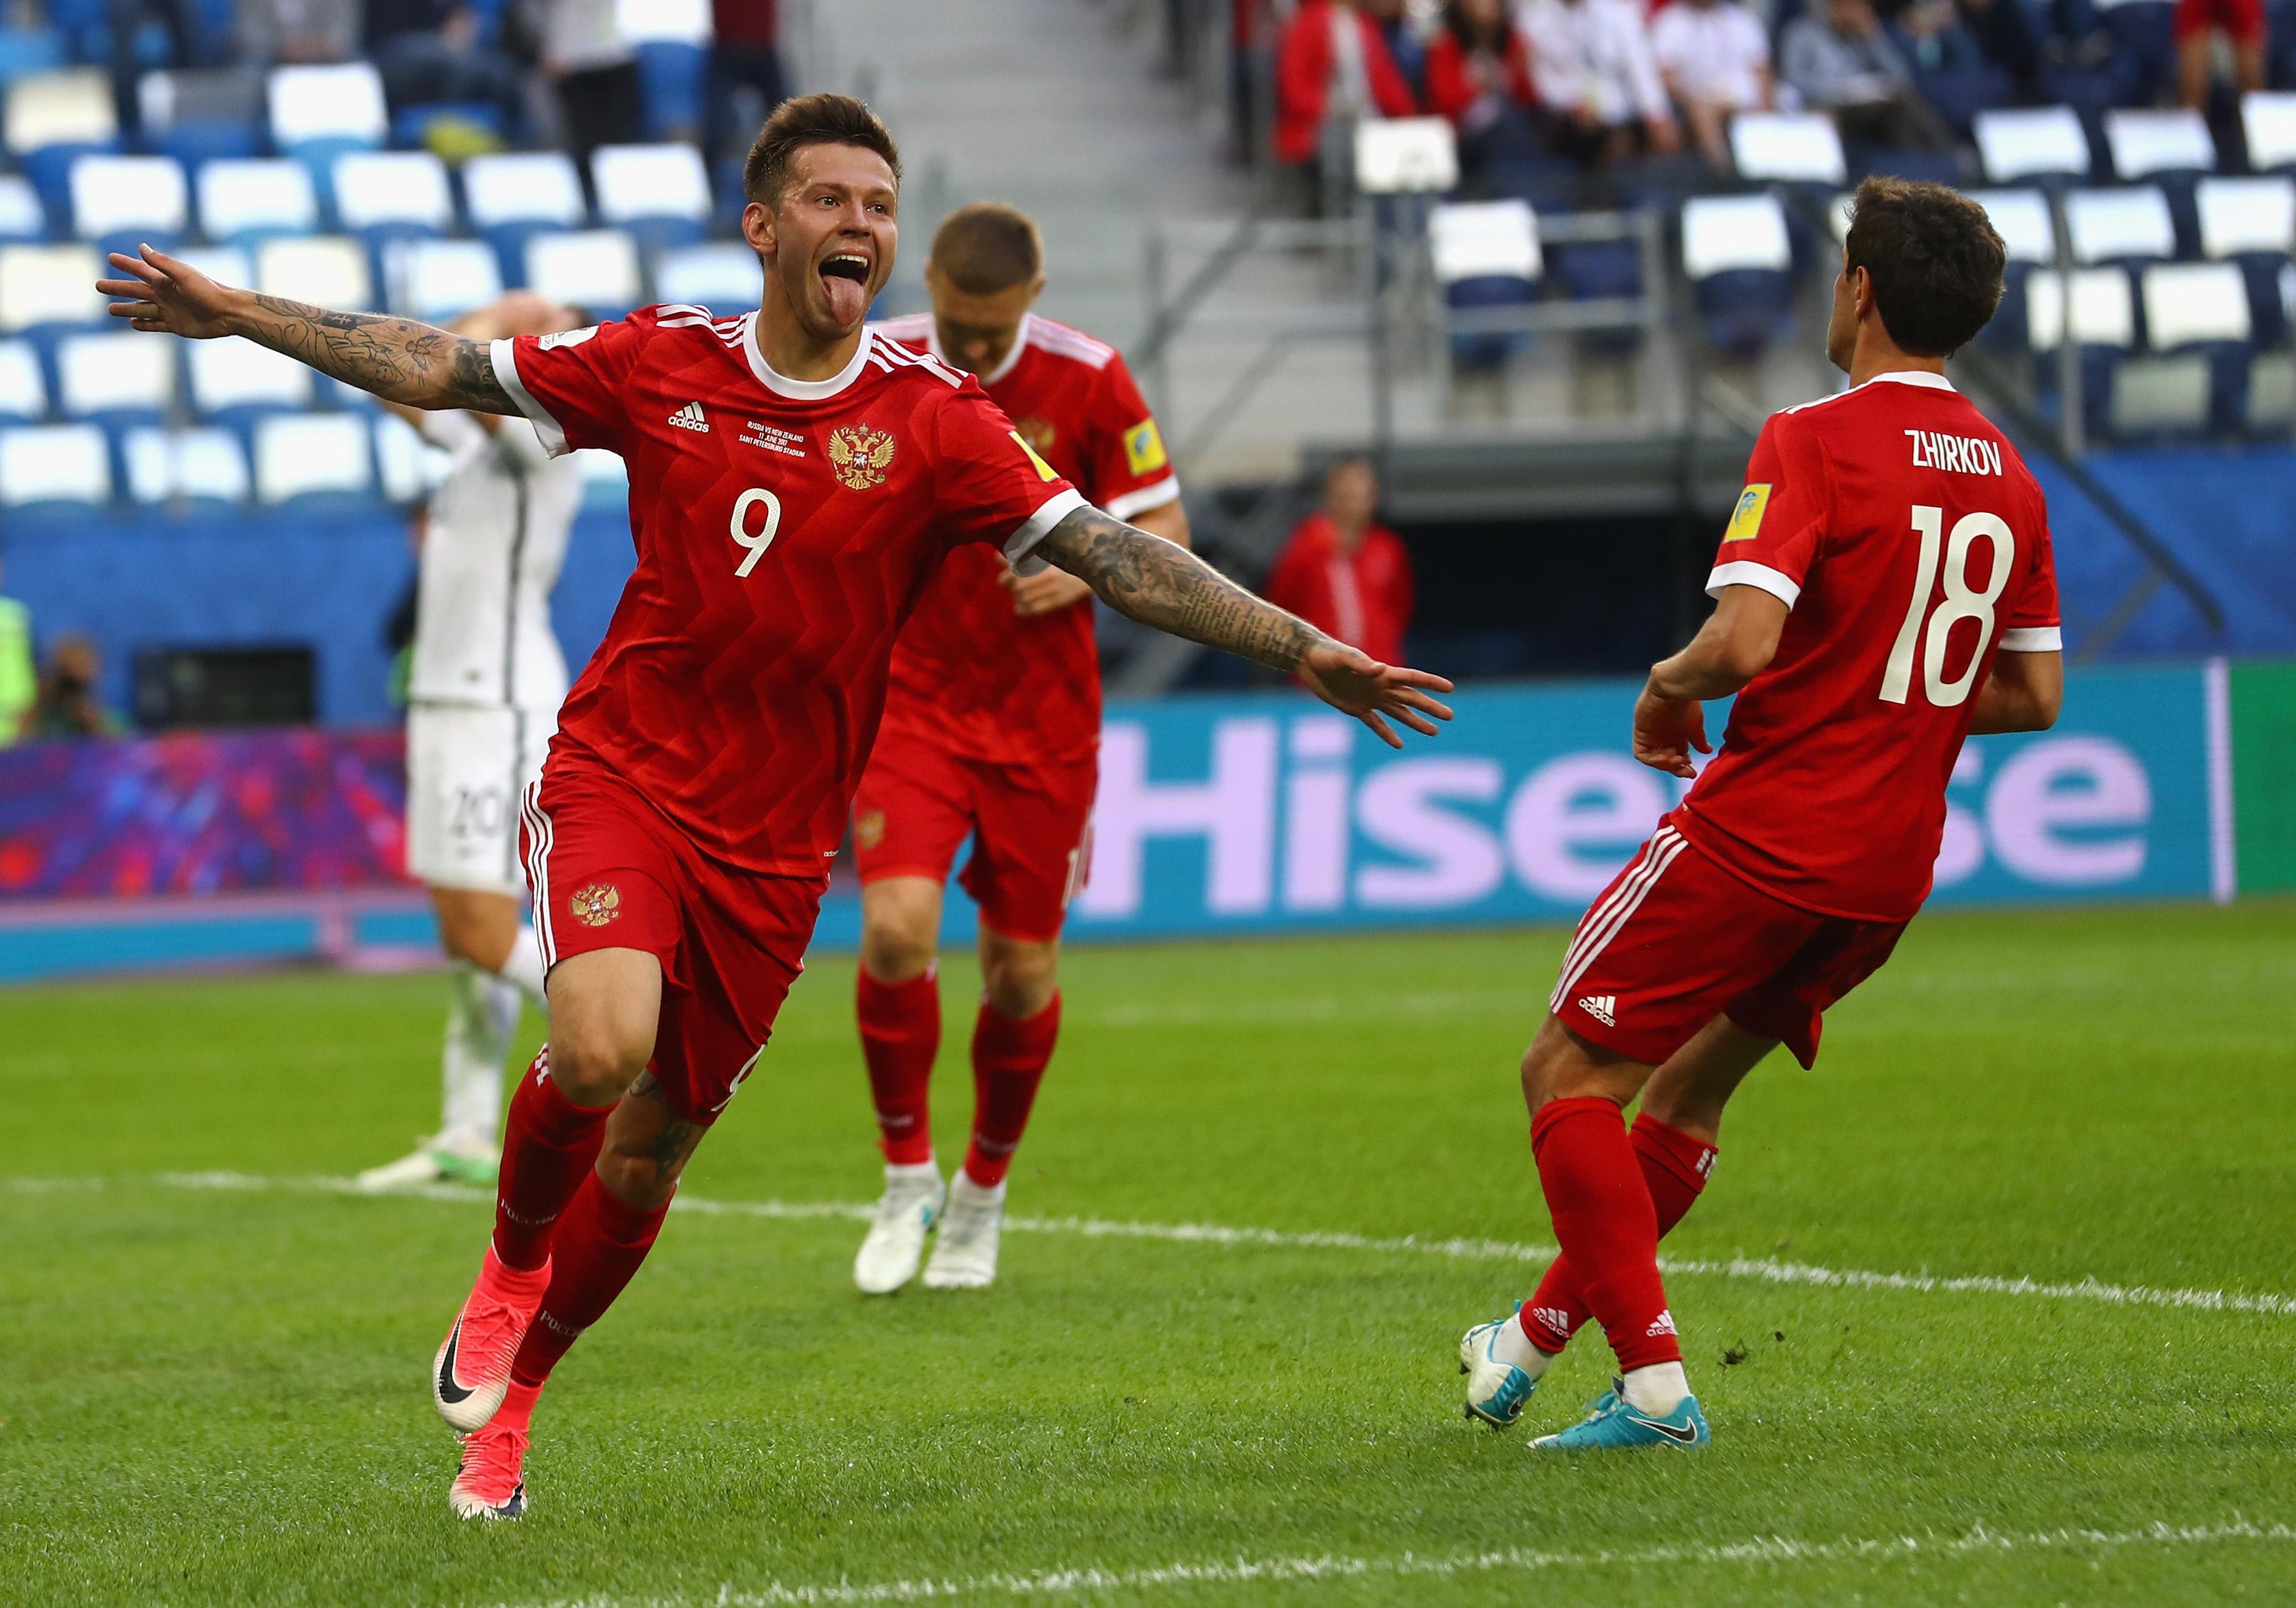 russia vs. Portugal stream, russia vs. Portugal vivo, russia vs. Portugal free tv, russia vs. Portugal live stream